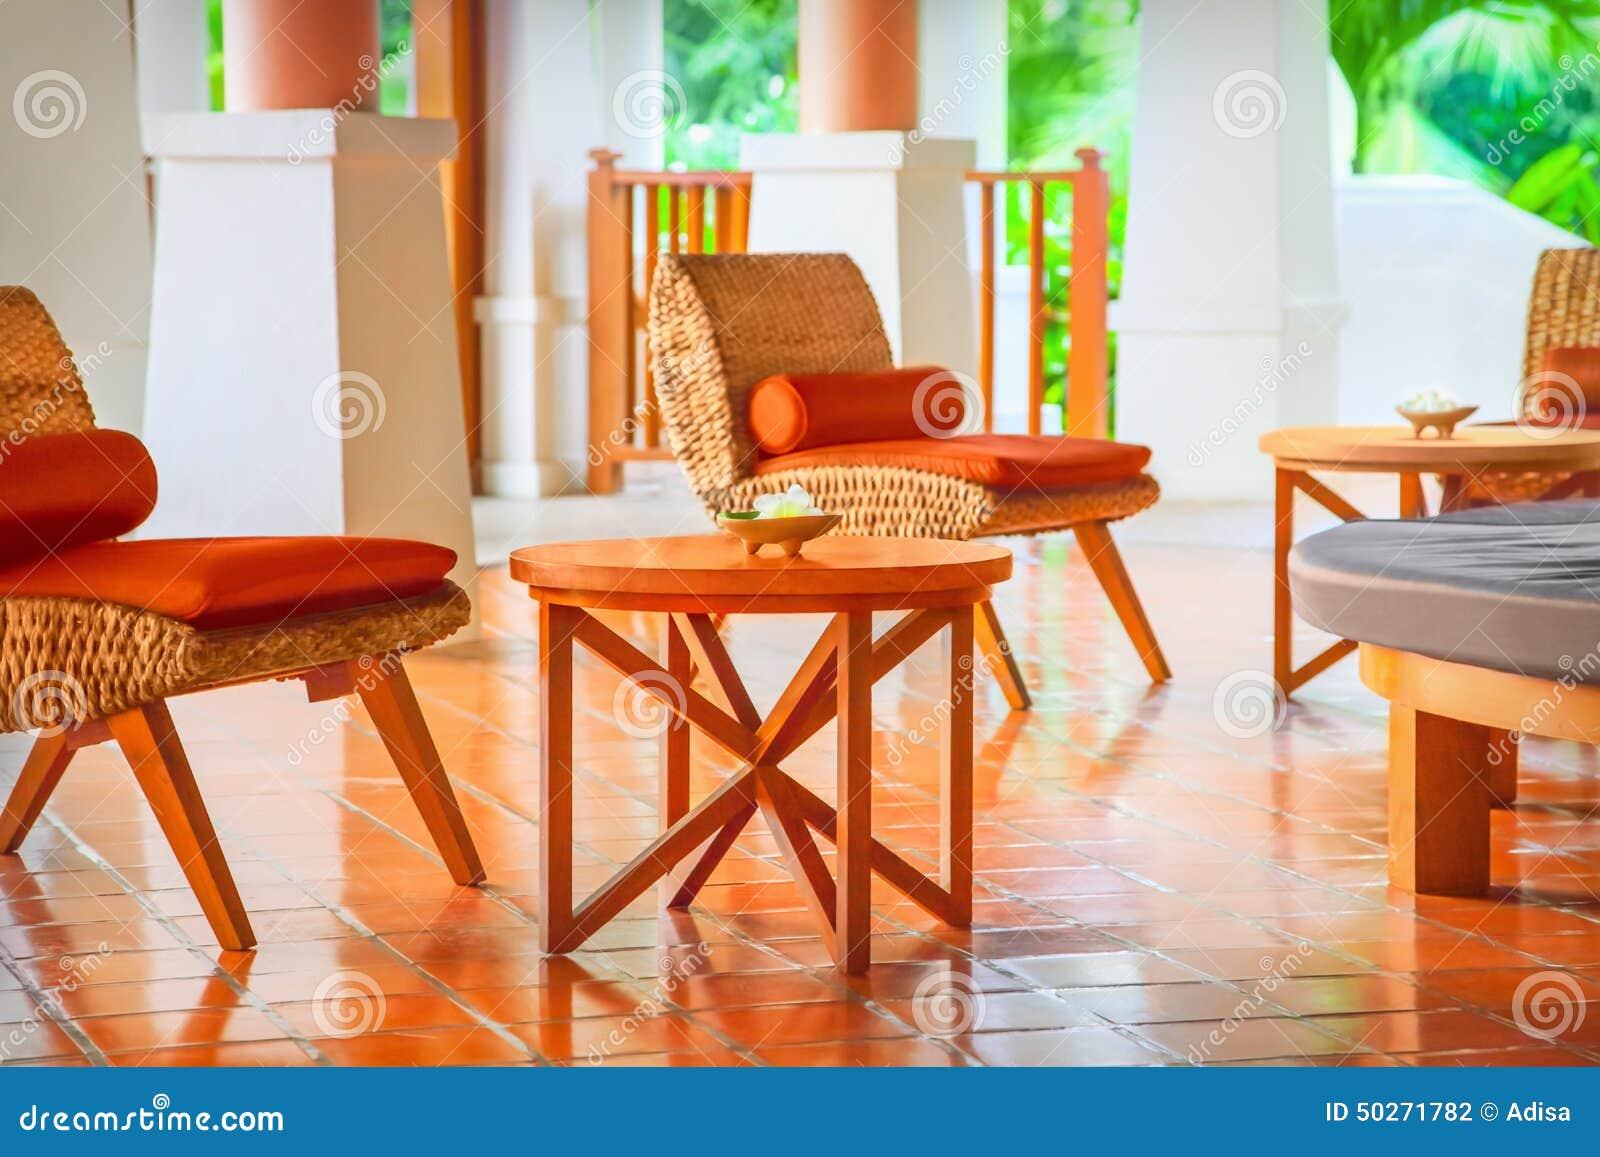 Sedie di vimini e tavola fotografia stock immagine di for Tavola e sedie